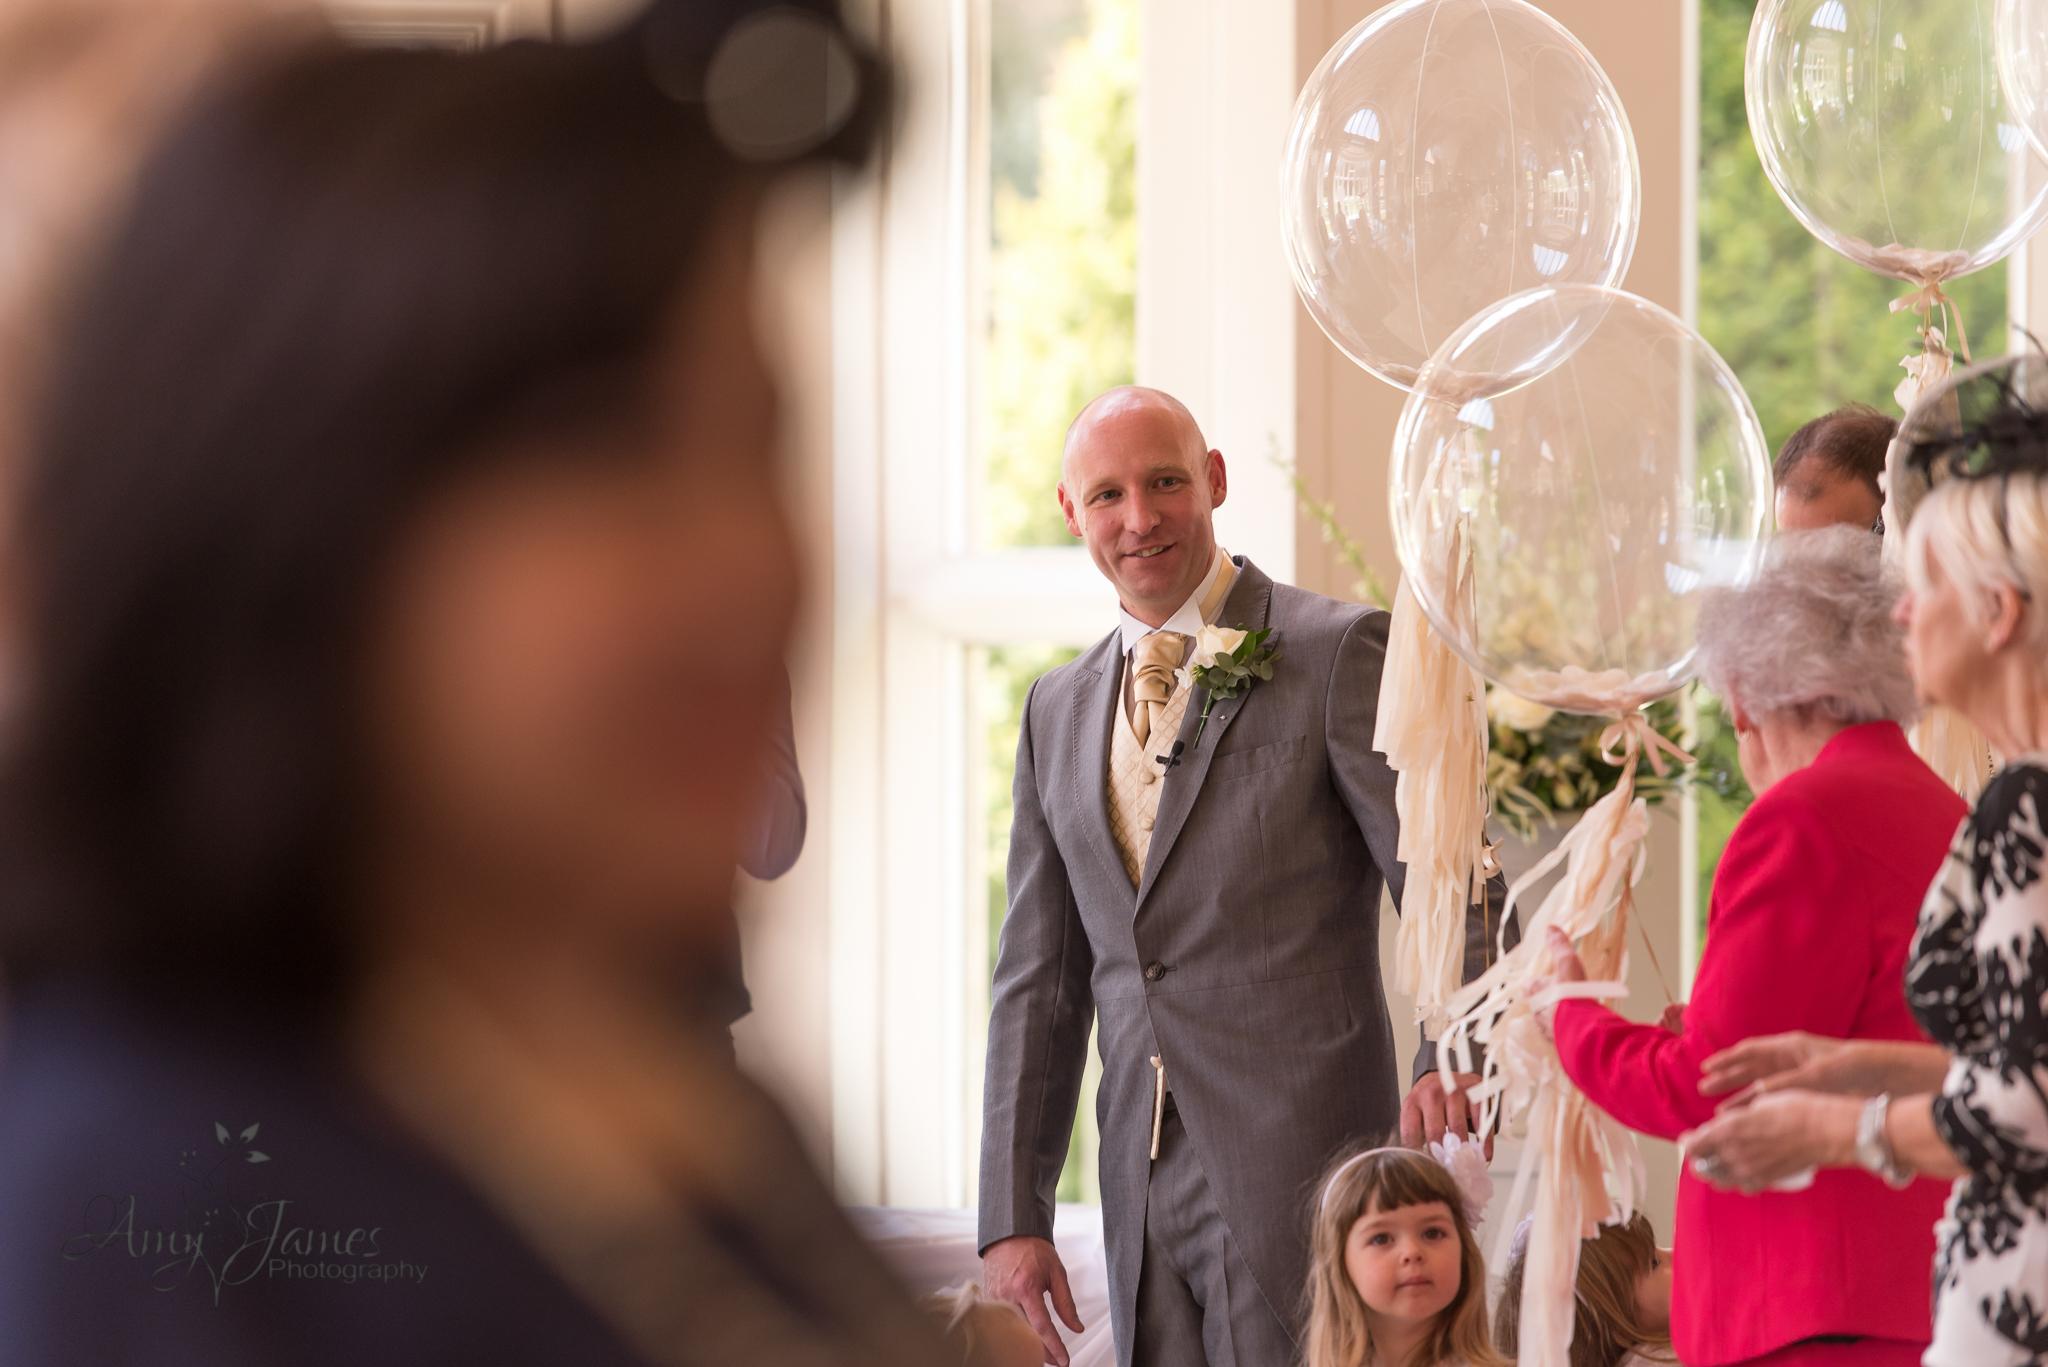 Wedding photographer Hampshire // Hampshire Wedding venues // Surrey Wedding Venues // Basingstoke Wedding